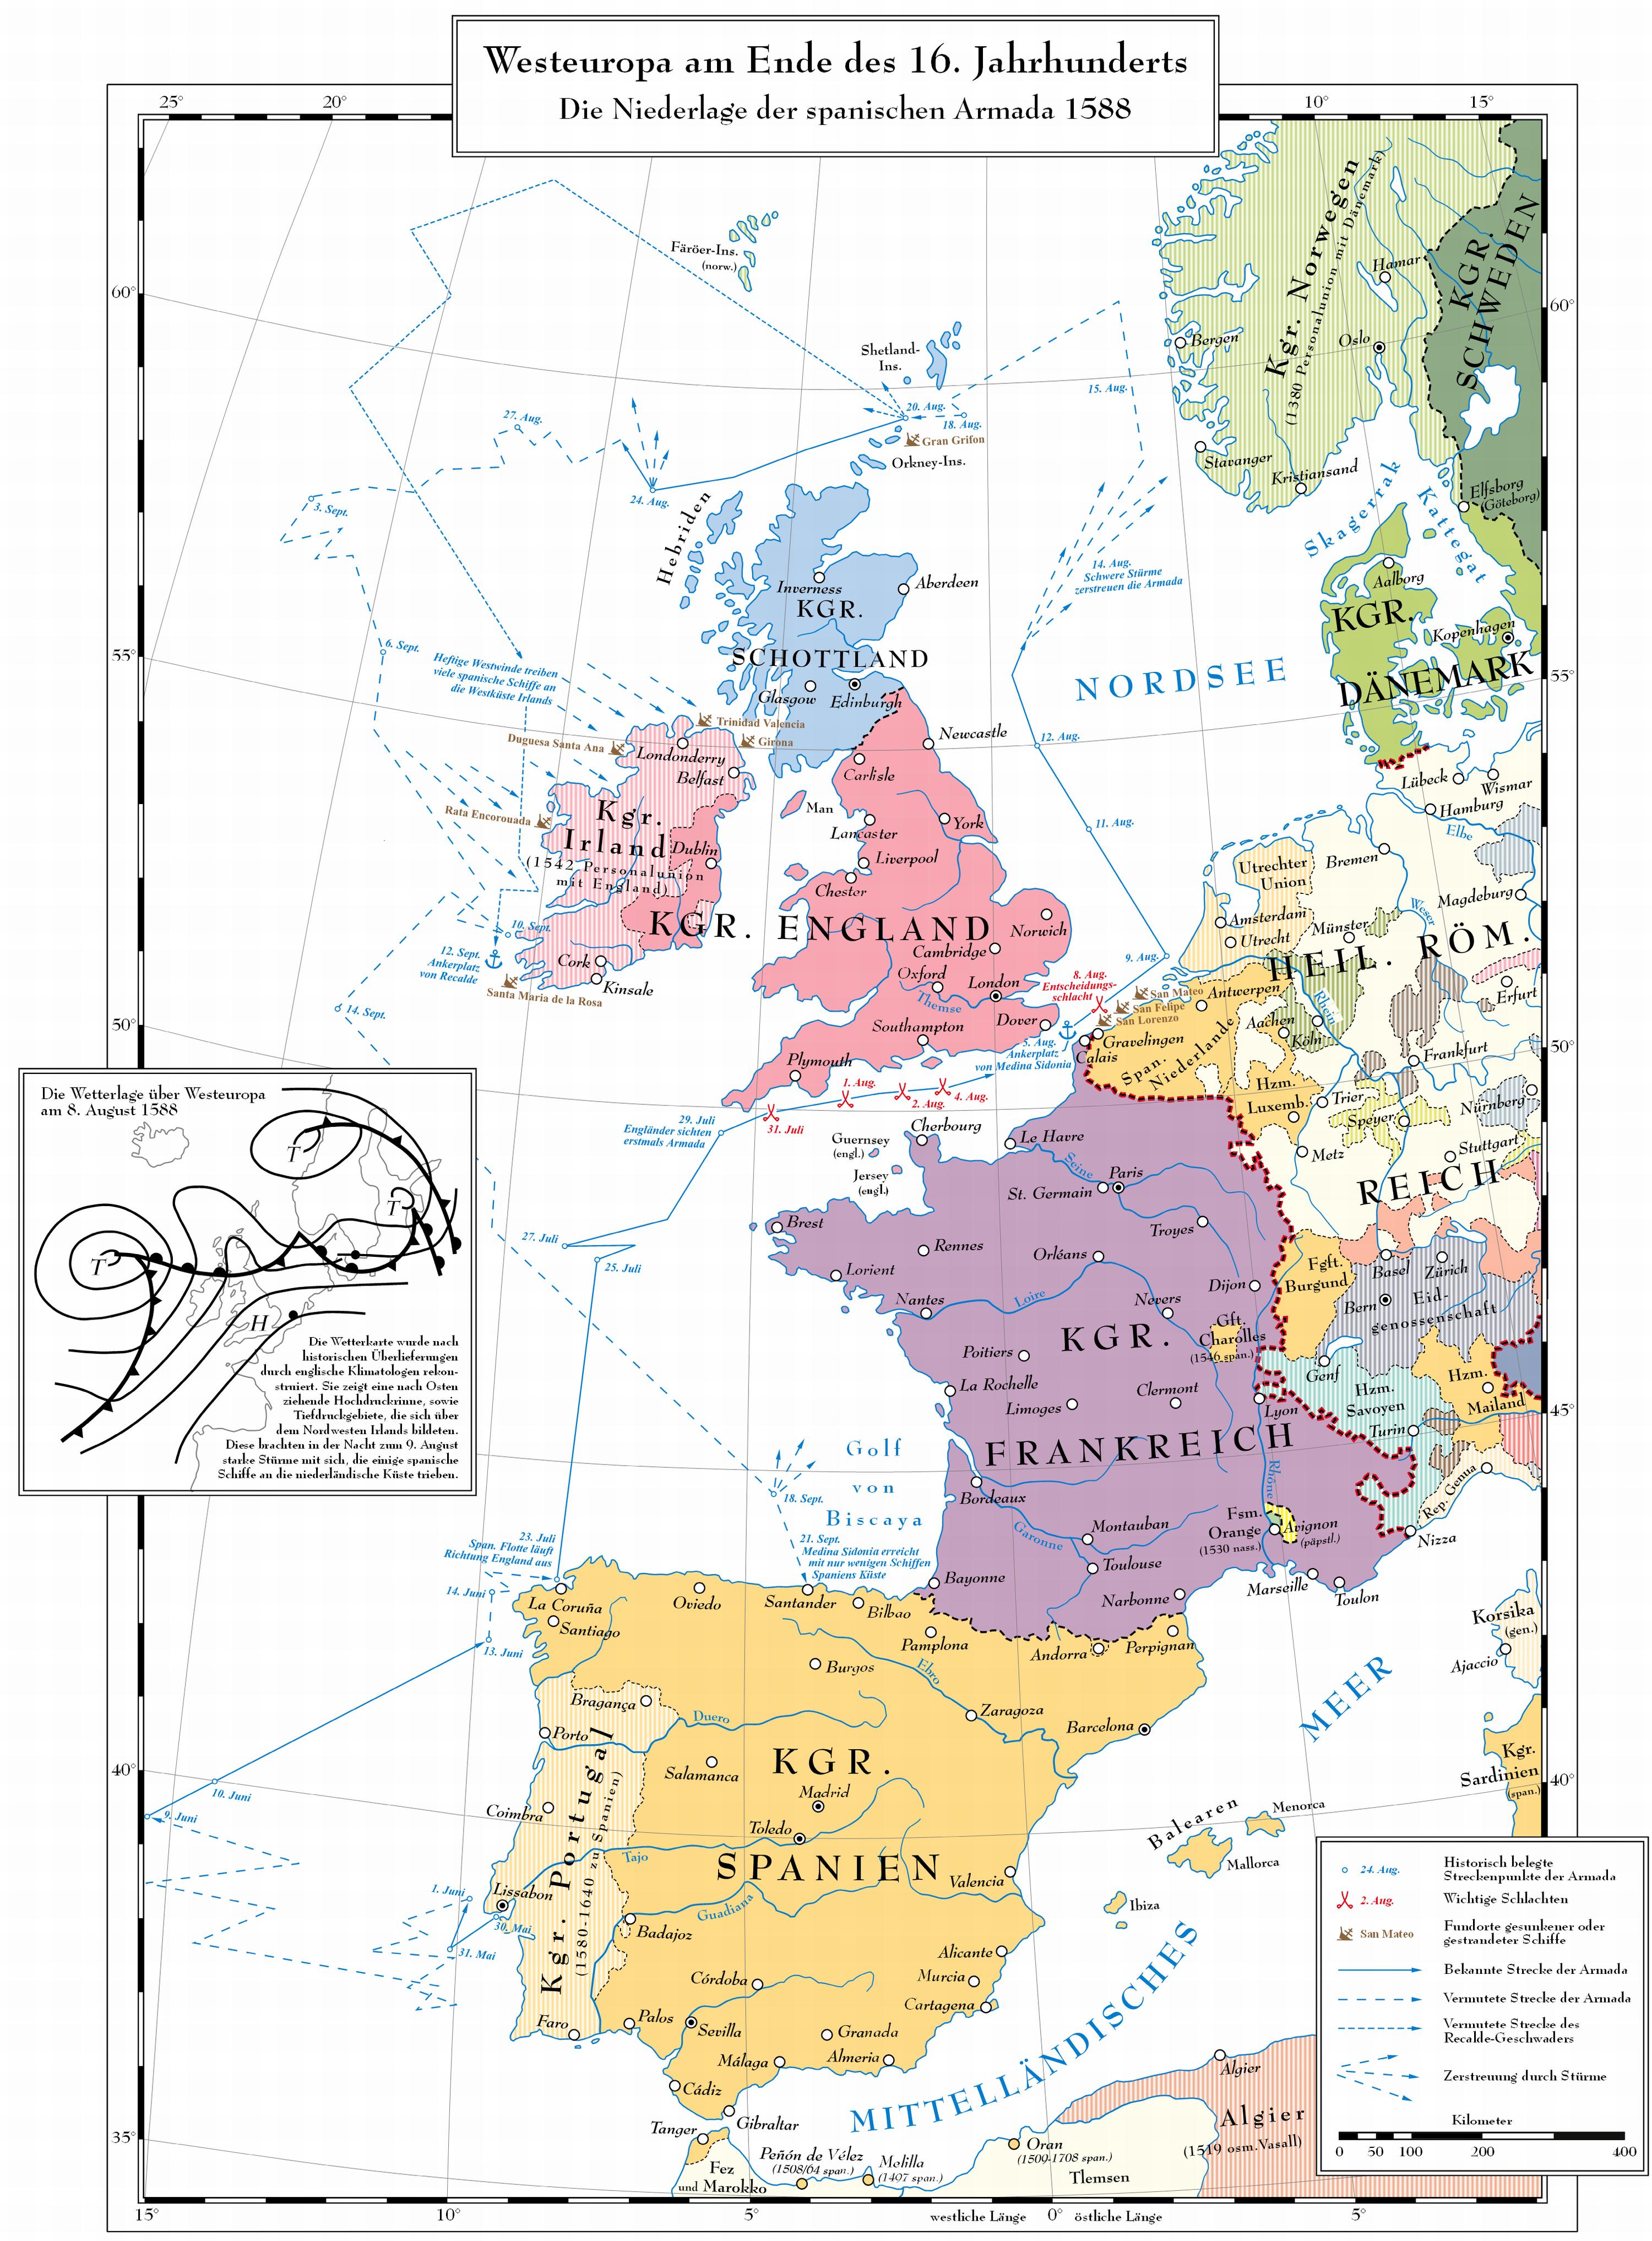 die route der spanischen armada